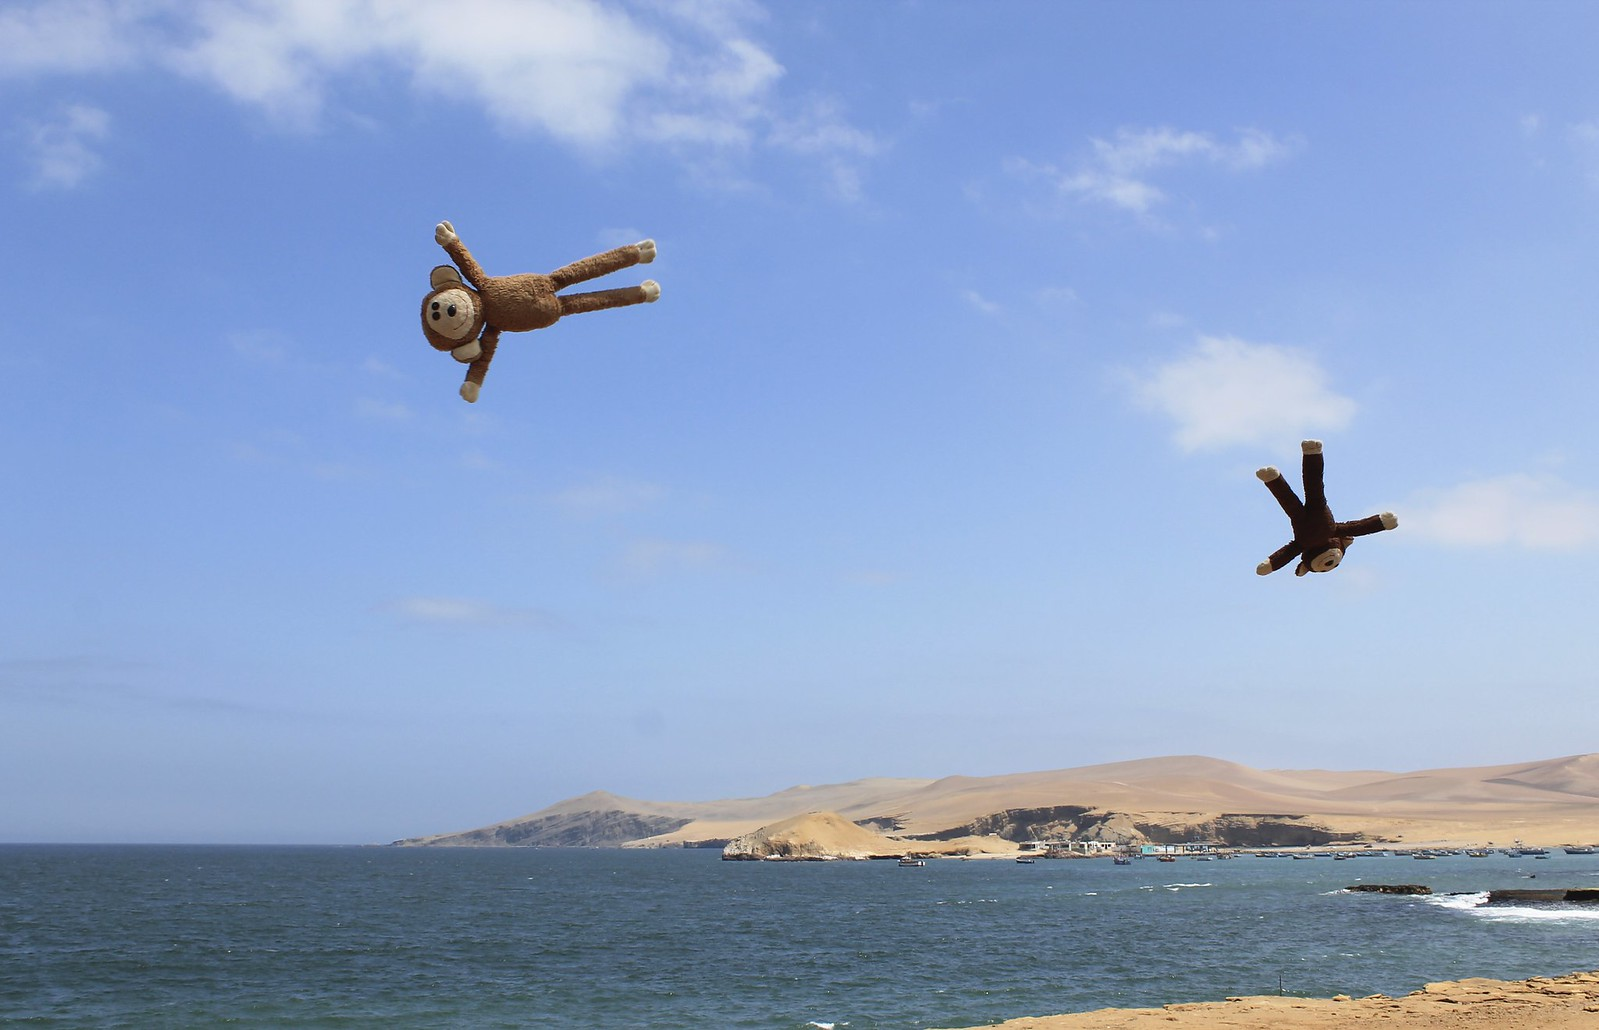 FlyingMonkeys